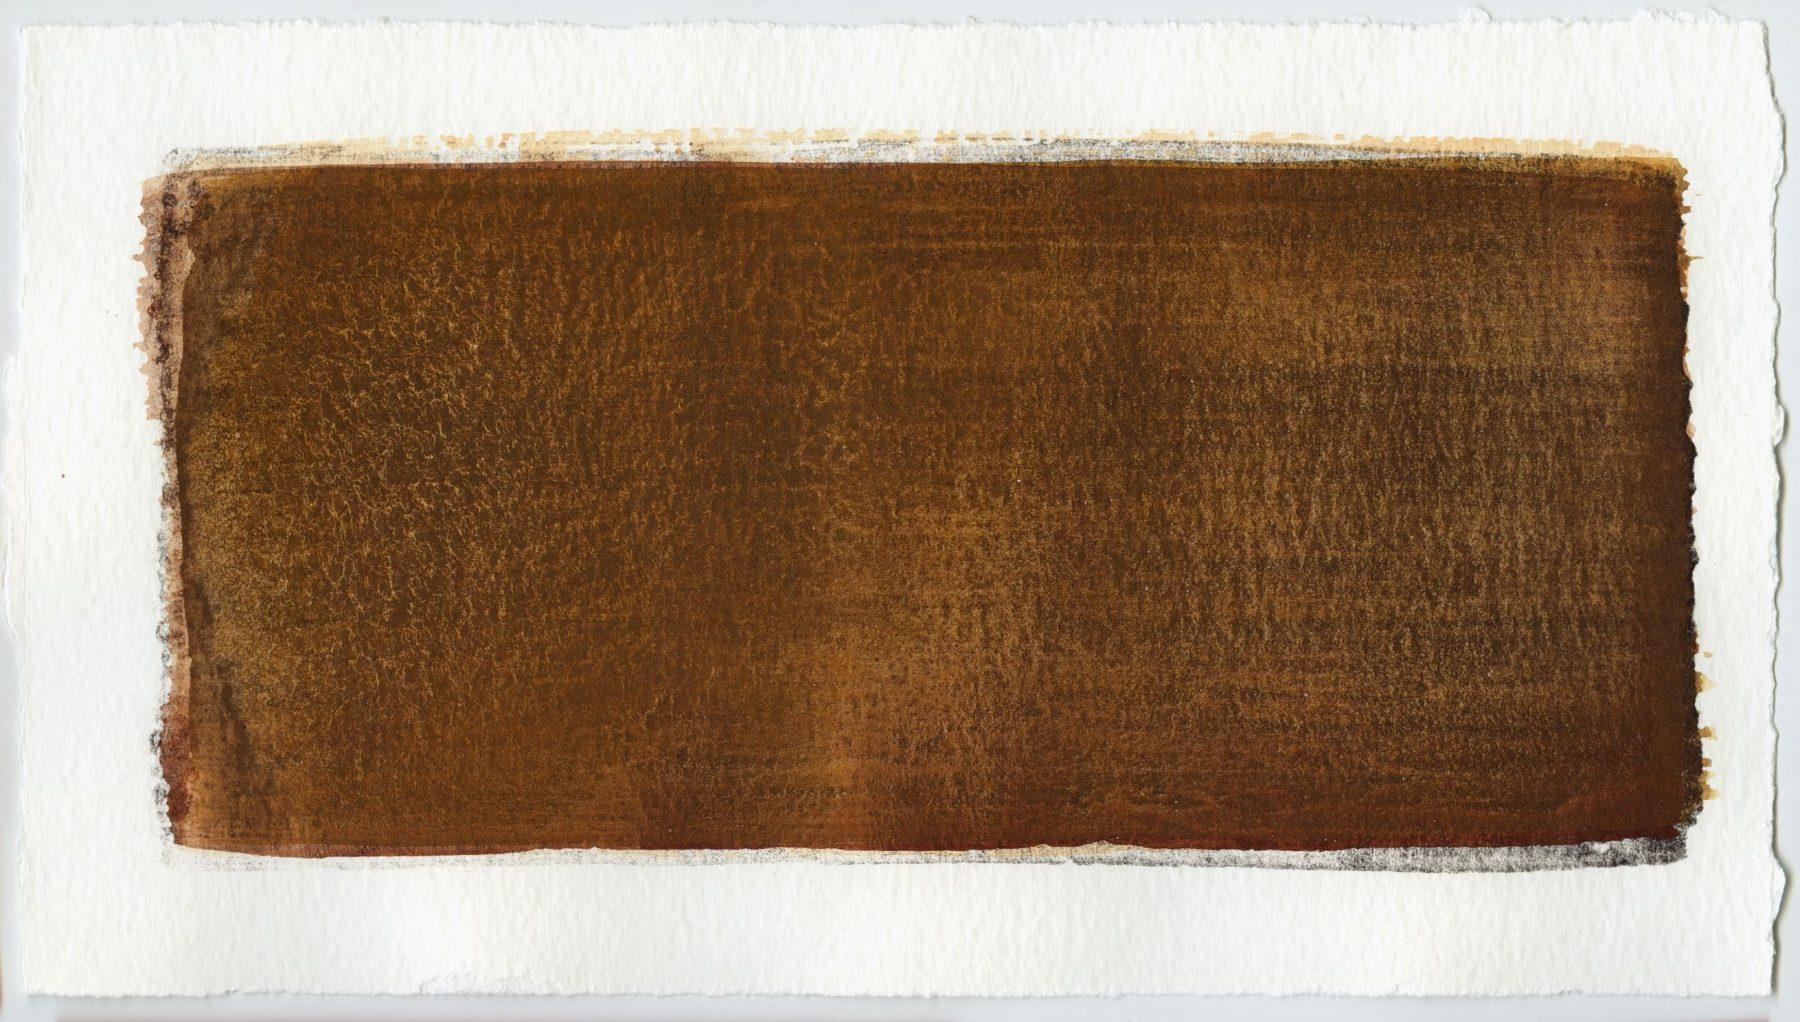 Brush stroke no. 49 - Selfmade pigment: IJzeroer gebrand, Boekels roze, Mortel paarsgrijs grof, Mortelse oker gebrand, IJzeroer